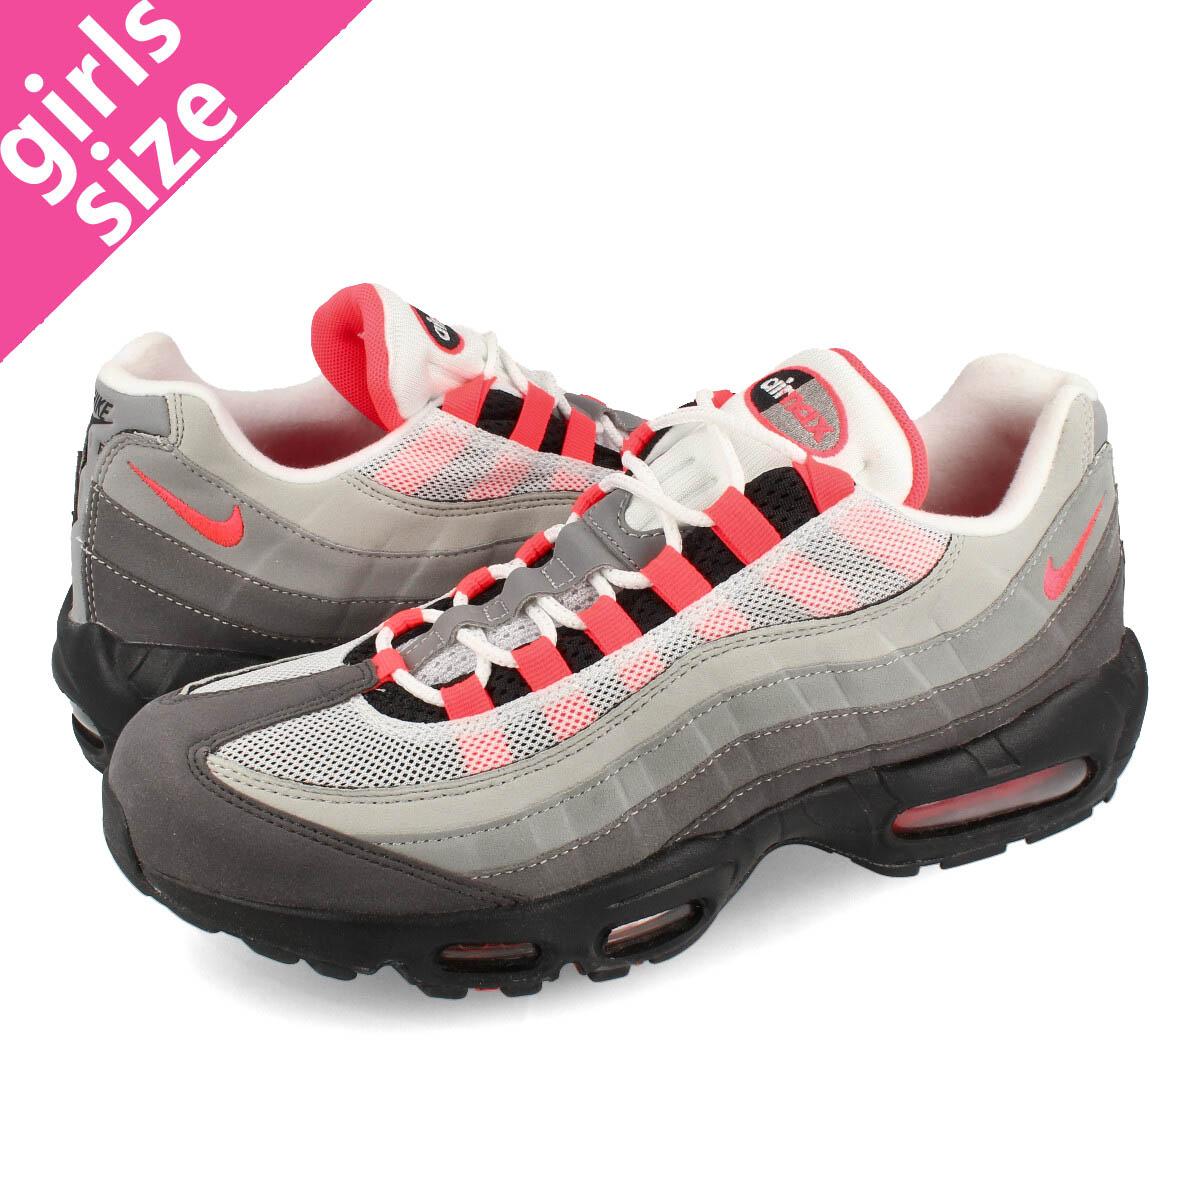 Nike Shoes Womens Air Max 95 OG White Solar Red Granite Dust